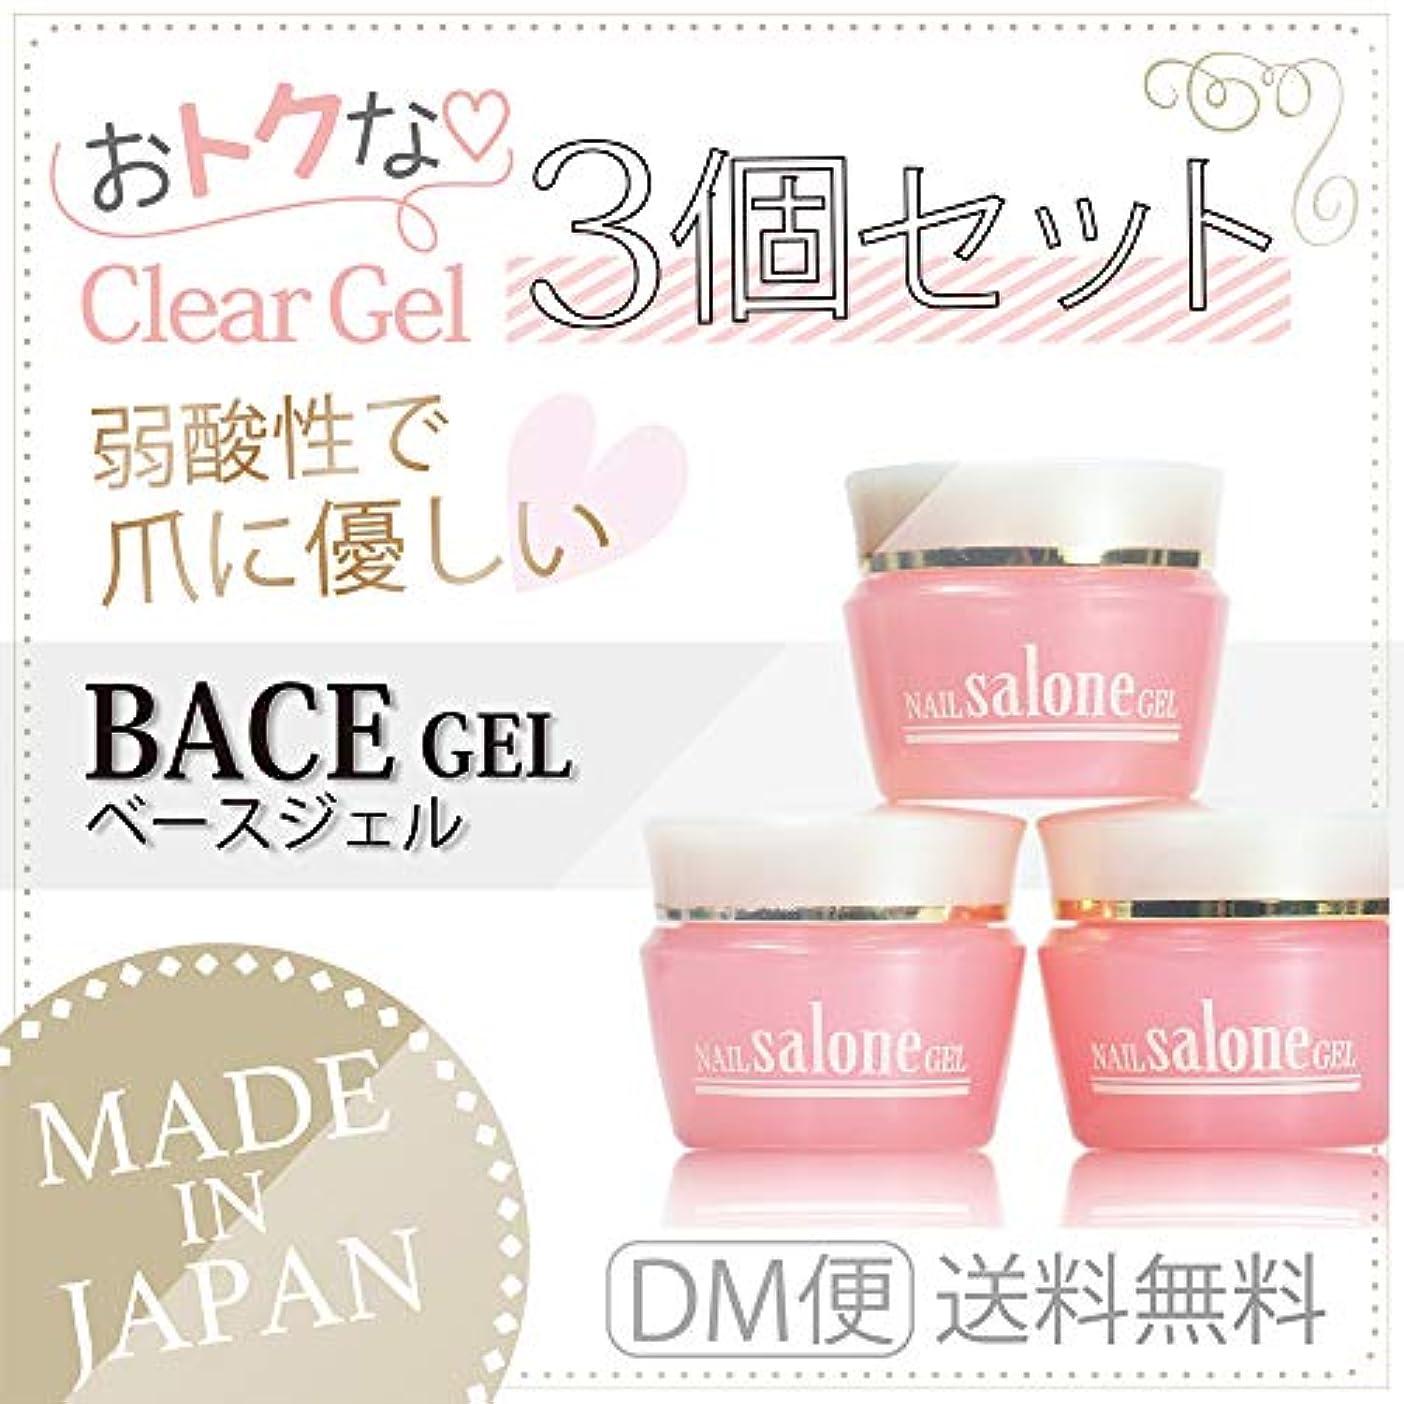 足音保証金ピンポイントSalone gel サローネ ベースジェル お得な3個セット 爪に優しい 日本製 驚きの密着力 リムーバーでオフも簡単3g